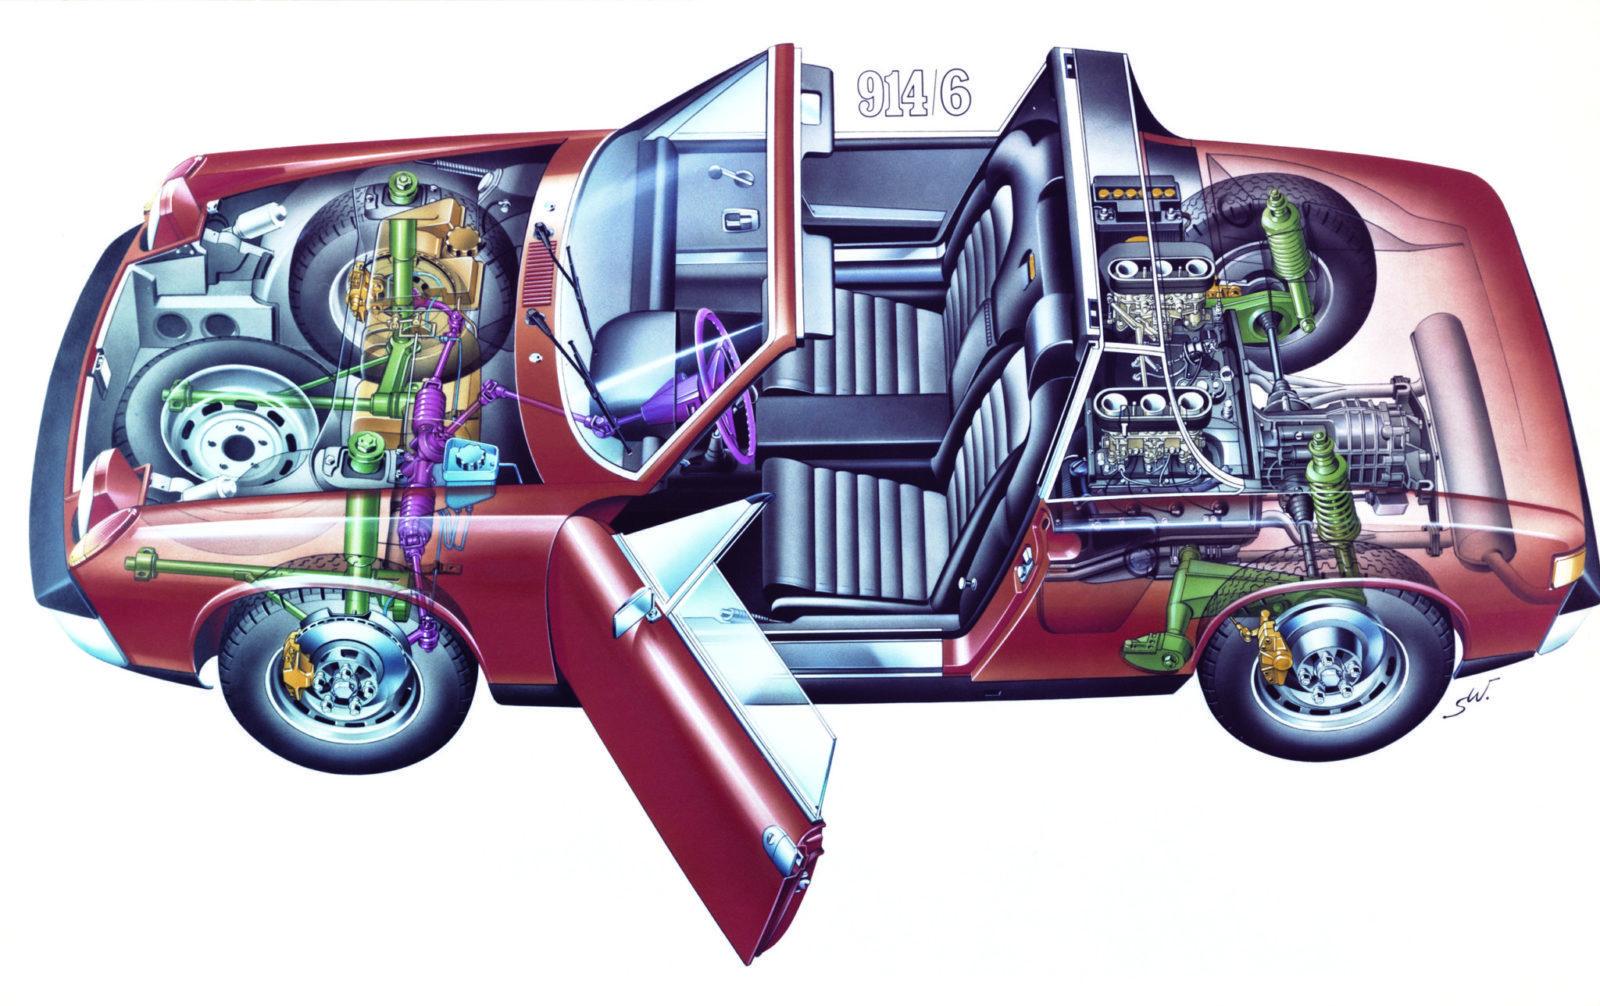 Wat is een echte? Wat met Bugatti's, Bentleys en Laverda SFC's gebeurde/gebeurt, dat geldt ook voor Porsche 914 zescilinders. Er zijn replica's op de markt. Een replica kan iemand heel gelukkig maken. Maar als die replica verkocht wordt als een 'Echte', dan gaat het wringen in het kosten/batenplaatje. Raadpleeg dus altijd een kenner voor controle van de motor- bak- en chassisnummers plus de specificaties. De originele blokken hebben nummers die heel krap om de 6400001-6420270 zitten. Dat nummer staat (in tegenstelling tot op de 911´s) boven op het blok bij het huis van de carter ontluchting. De zescilinder motor heeft en dry sump smeersysteem. De olie zit dus niet in het carter, maar in een olietank. Die zit links in het motorcompartiment, tussen binnen en buitenscherm. De beplating van de koeling moest aangepast worden om in de motorruimte van de 914 te passen. Omdat de carburateurs teveel plek innemen zit er geen ´regen afdruip scherm´ in de motorkap. Daardoor is die een ietsepietsie lichter en daarom konden er wat lichter motorkapveren gebruikt worden. Dat is liefdevol denkwerk in de details. De transmissie van de 914/6 is een gemodificeerde 901 versie. Die is best zeldzaam, en niet optimaal. Dit soort bakken schakelde niet zo lekker. Er zijn een paar 914/zessen gemaakt met Sportomatic bakken. De Zessen hadden vijfbouts naven en de meeste werden verkocht met de optinele Fuchs velgen. Ons fotomodel heeft trouwens ook zo'n velg in de reserveband. Dat is stijlvol en scheelt gedoe met verschillende pasbouten. Er kon ook voor Mahle velgen gekozen worden. Het carrosserie van de 914/6 had een aan het schutbord aangelaste motorsteun, Bij de viercilinders zitten er twee motorsteunen aan weerszijden van het blok. De zescilinder heeft een andere stuurkolom, stuurwiel en een ander contactslot.(Op het dashboard in plaats van op de stuurkolom). De voorruitsproeier was voorzien van een elektrisch pompje in plaats van dat hij op de druk van de reserveband werkte. De toerenteller